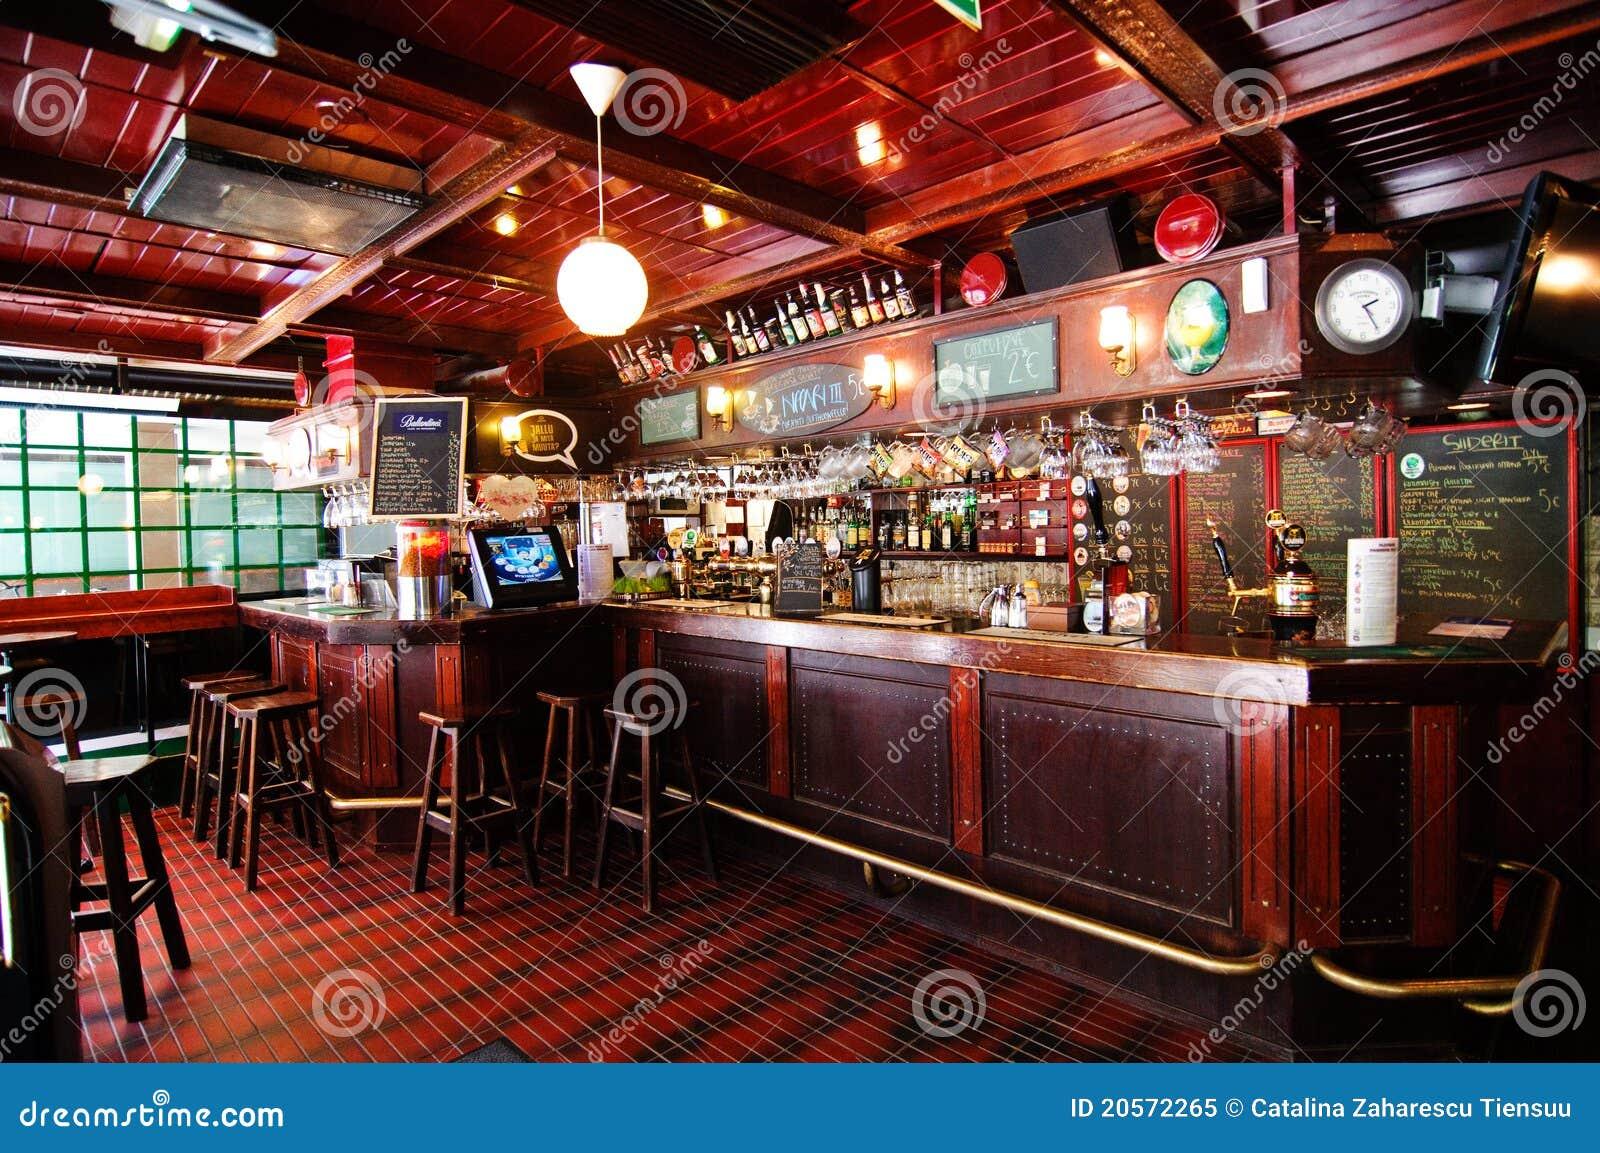 Restaurant Paris Tampere